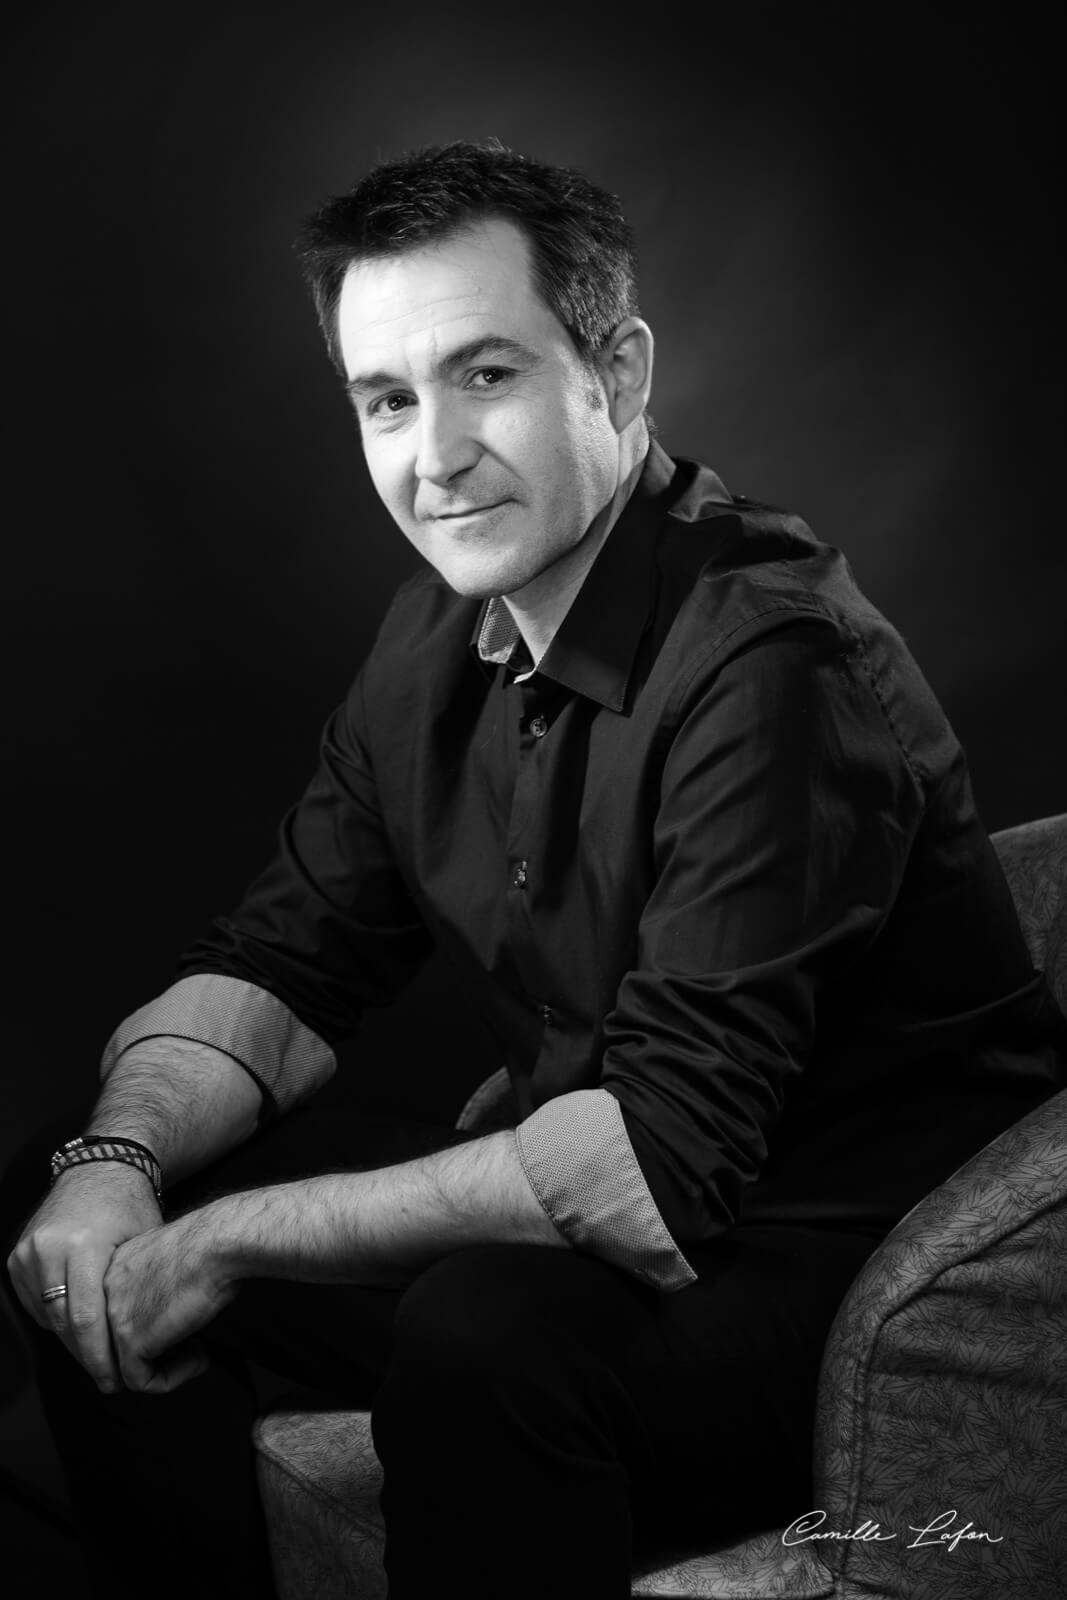 photographe montpellier portrait homme musicien